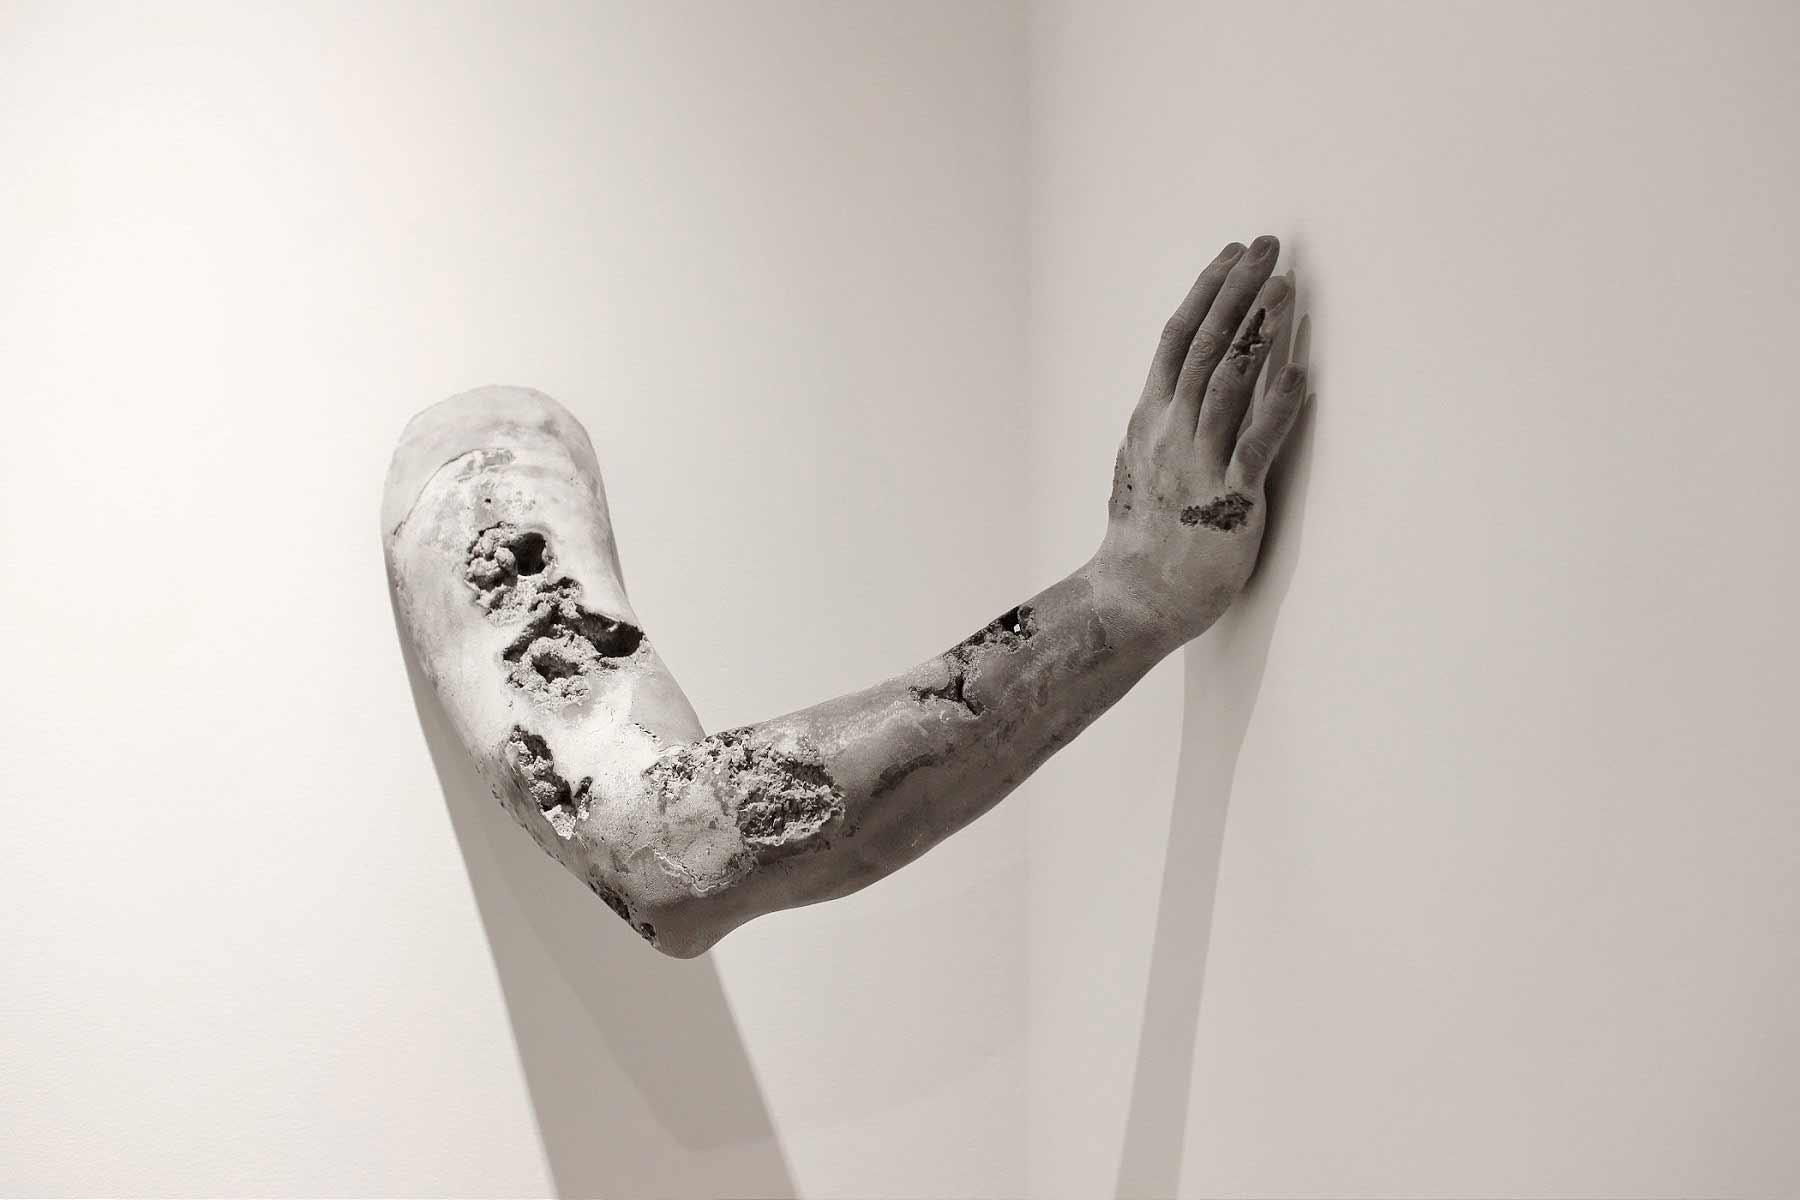 Skulpturen von Daniel Arsham Daniel-Arsham_2019_04